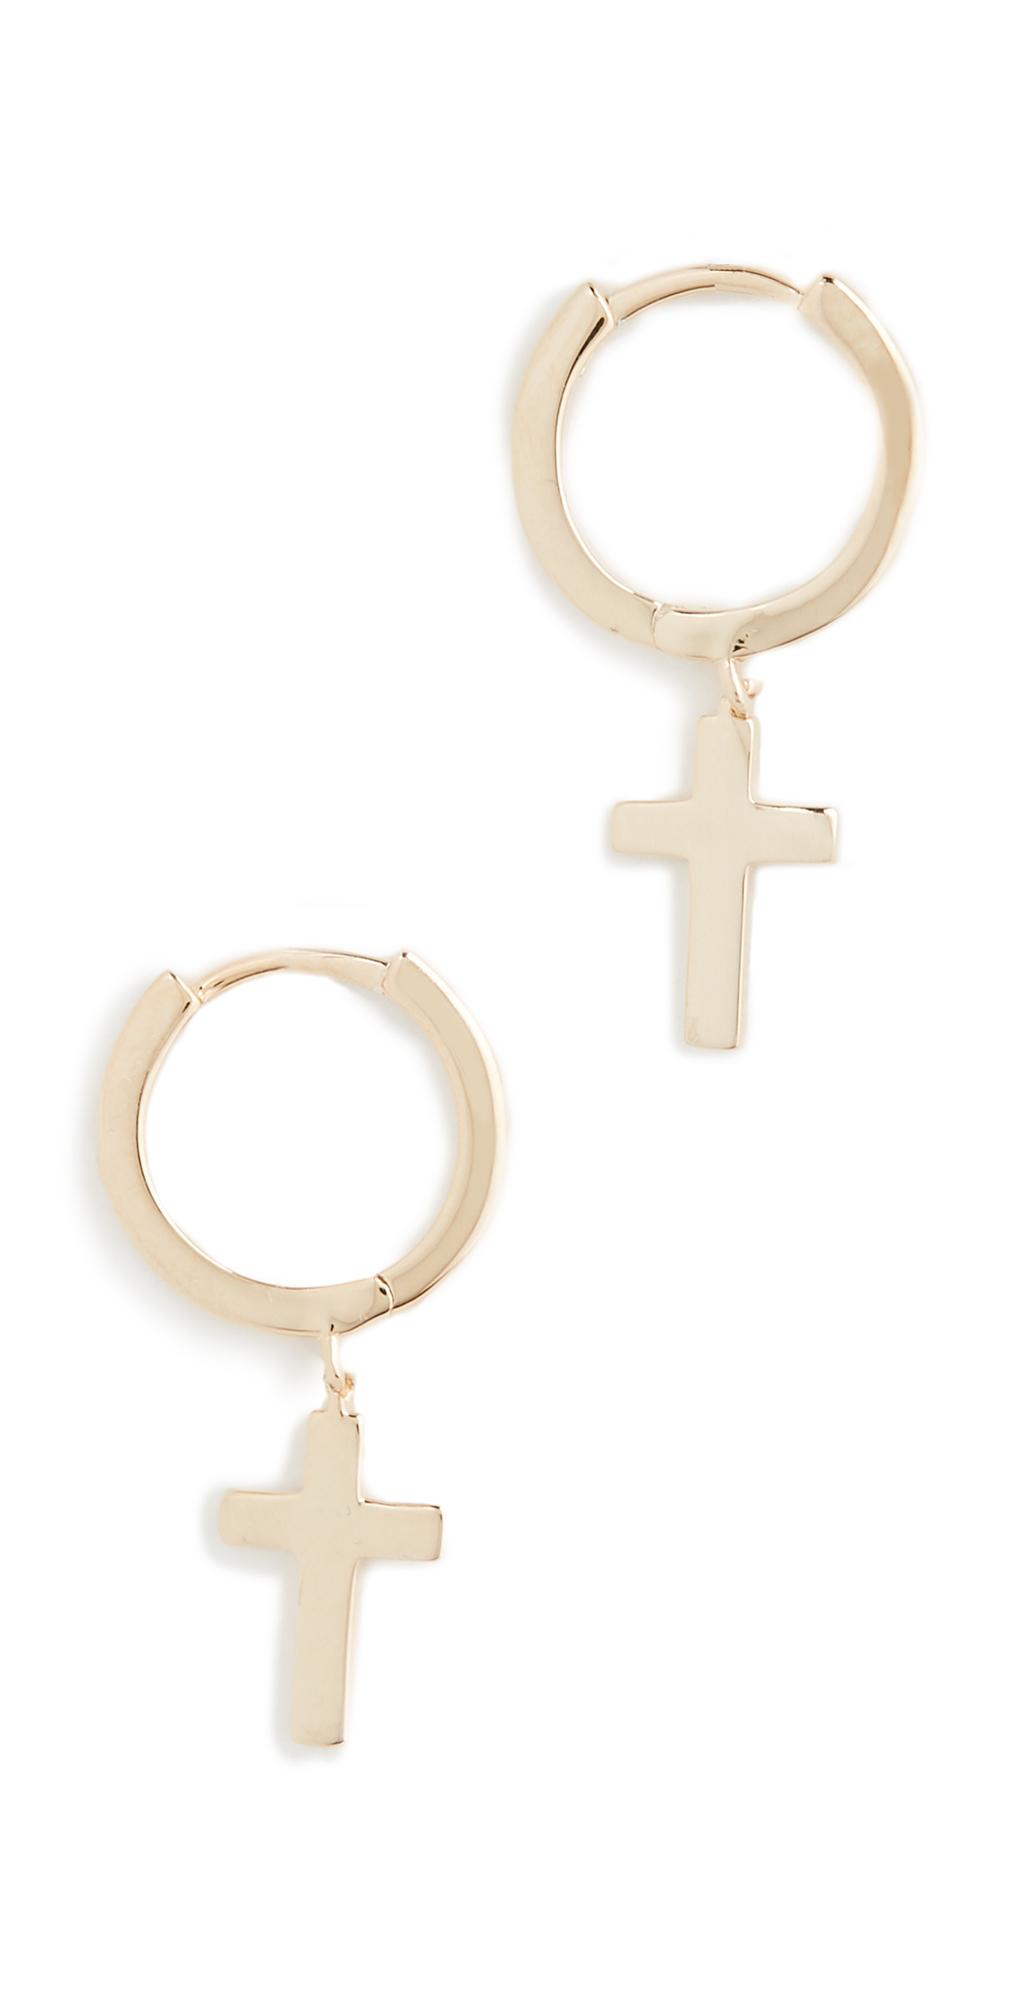 Theresa Huggie Earrings